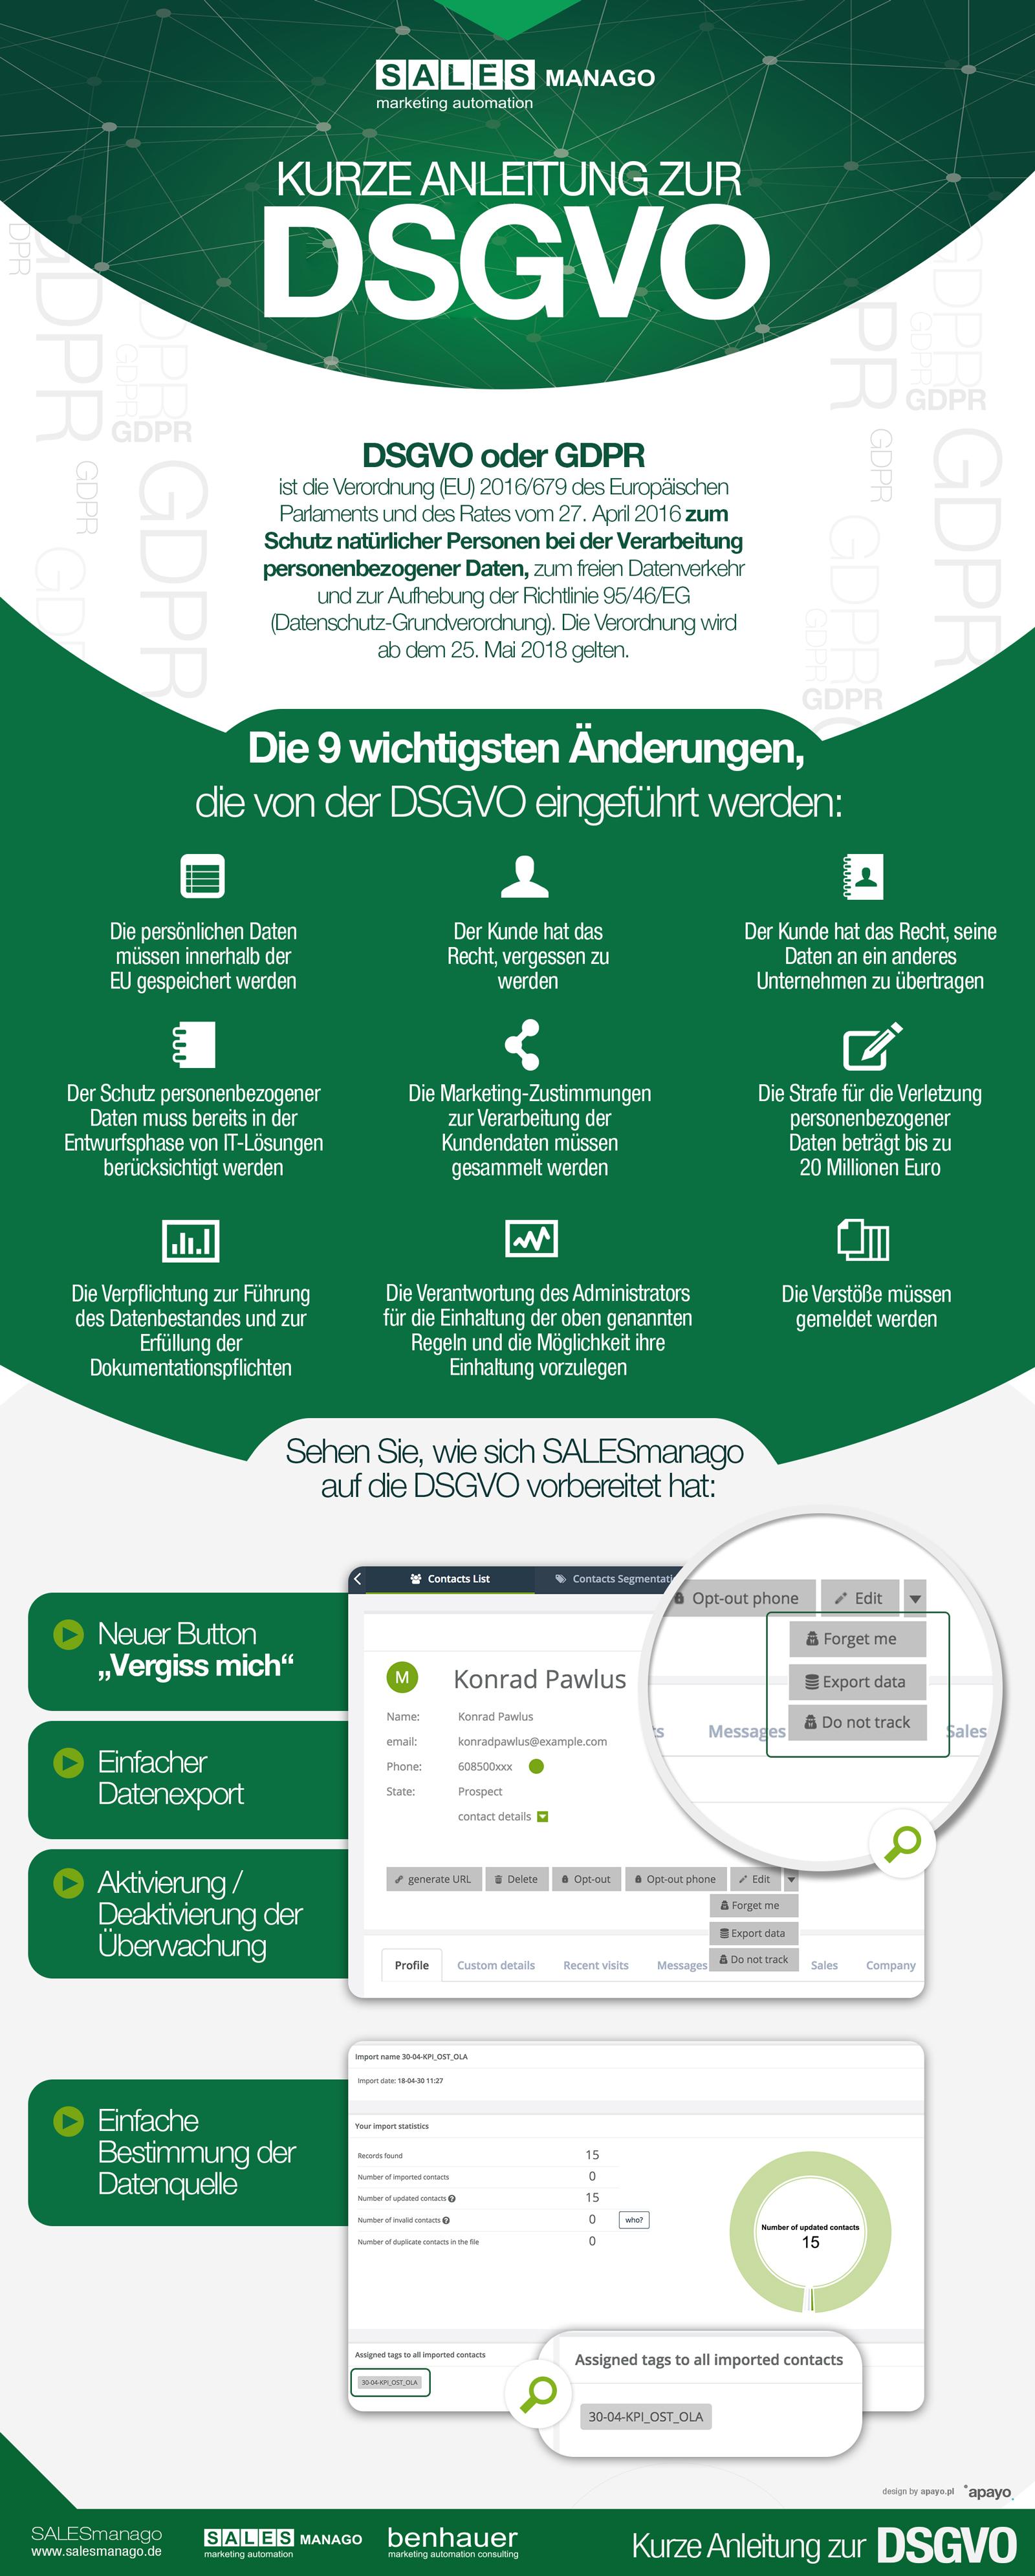 Kurze Anleitung zur DSGVO